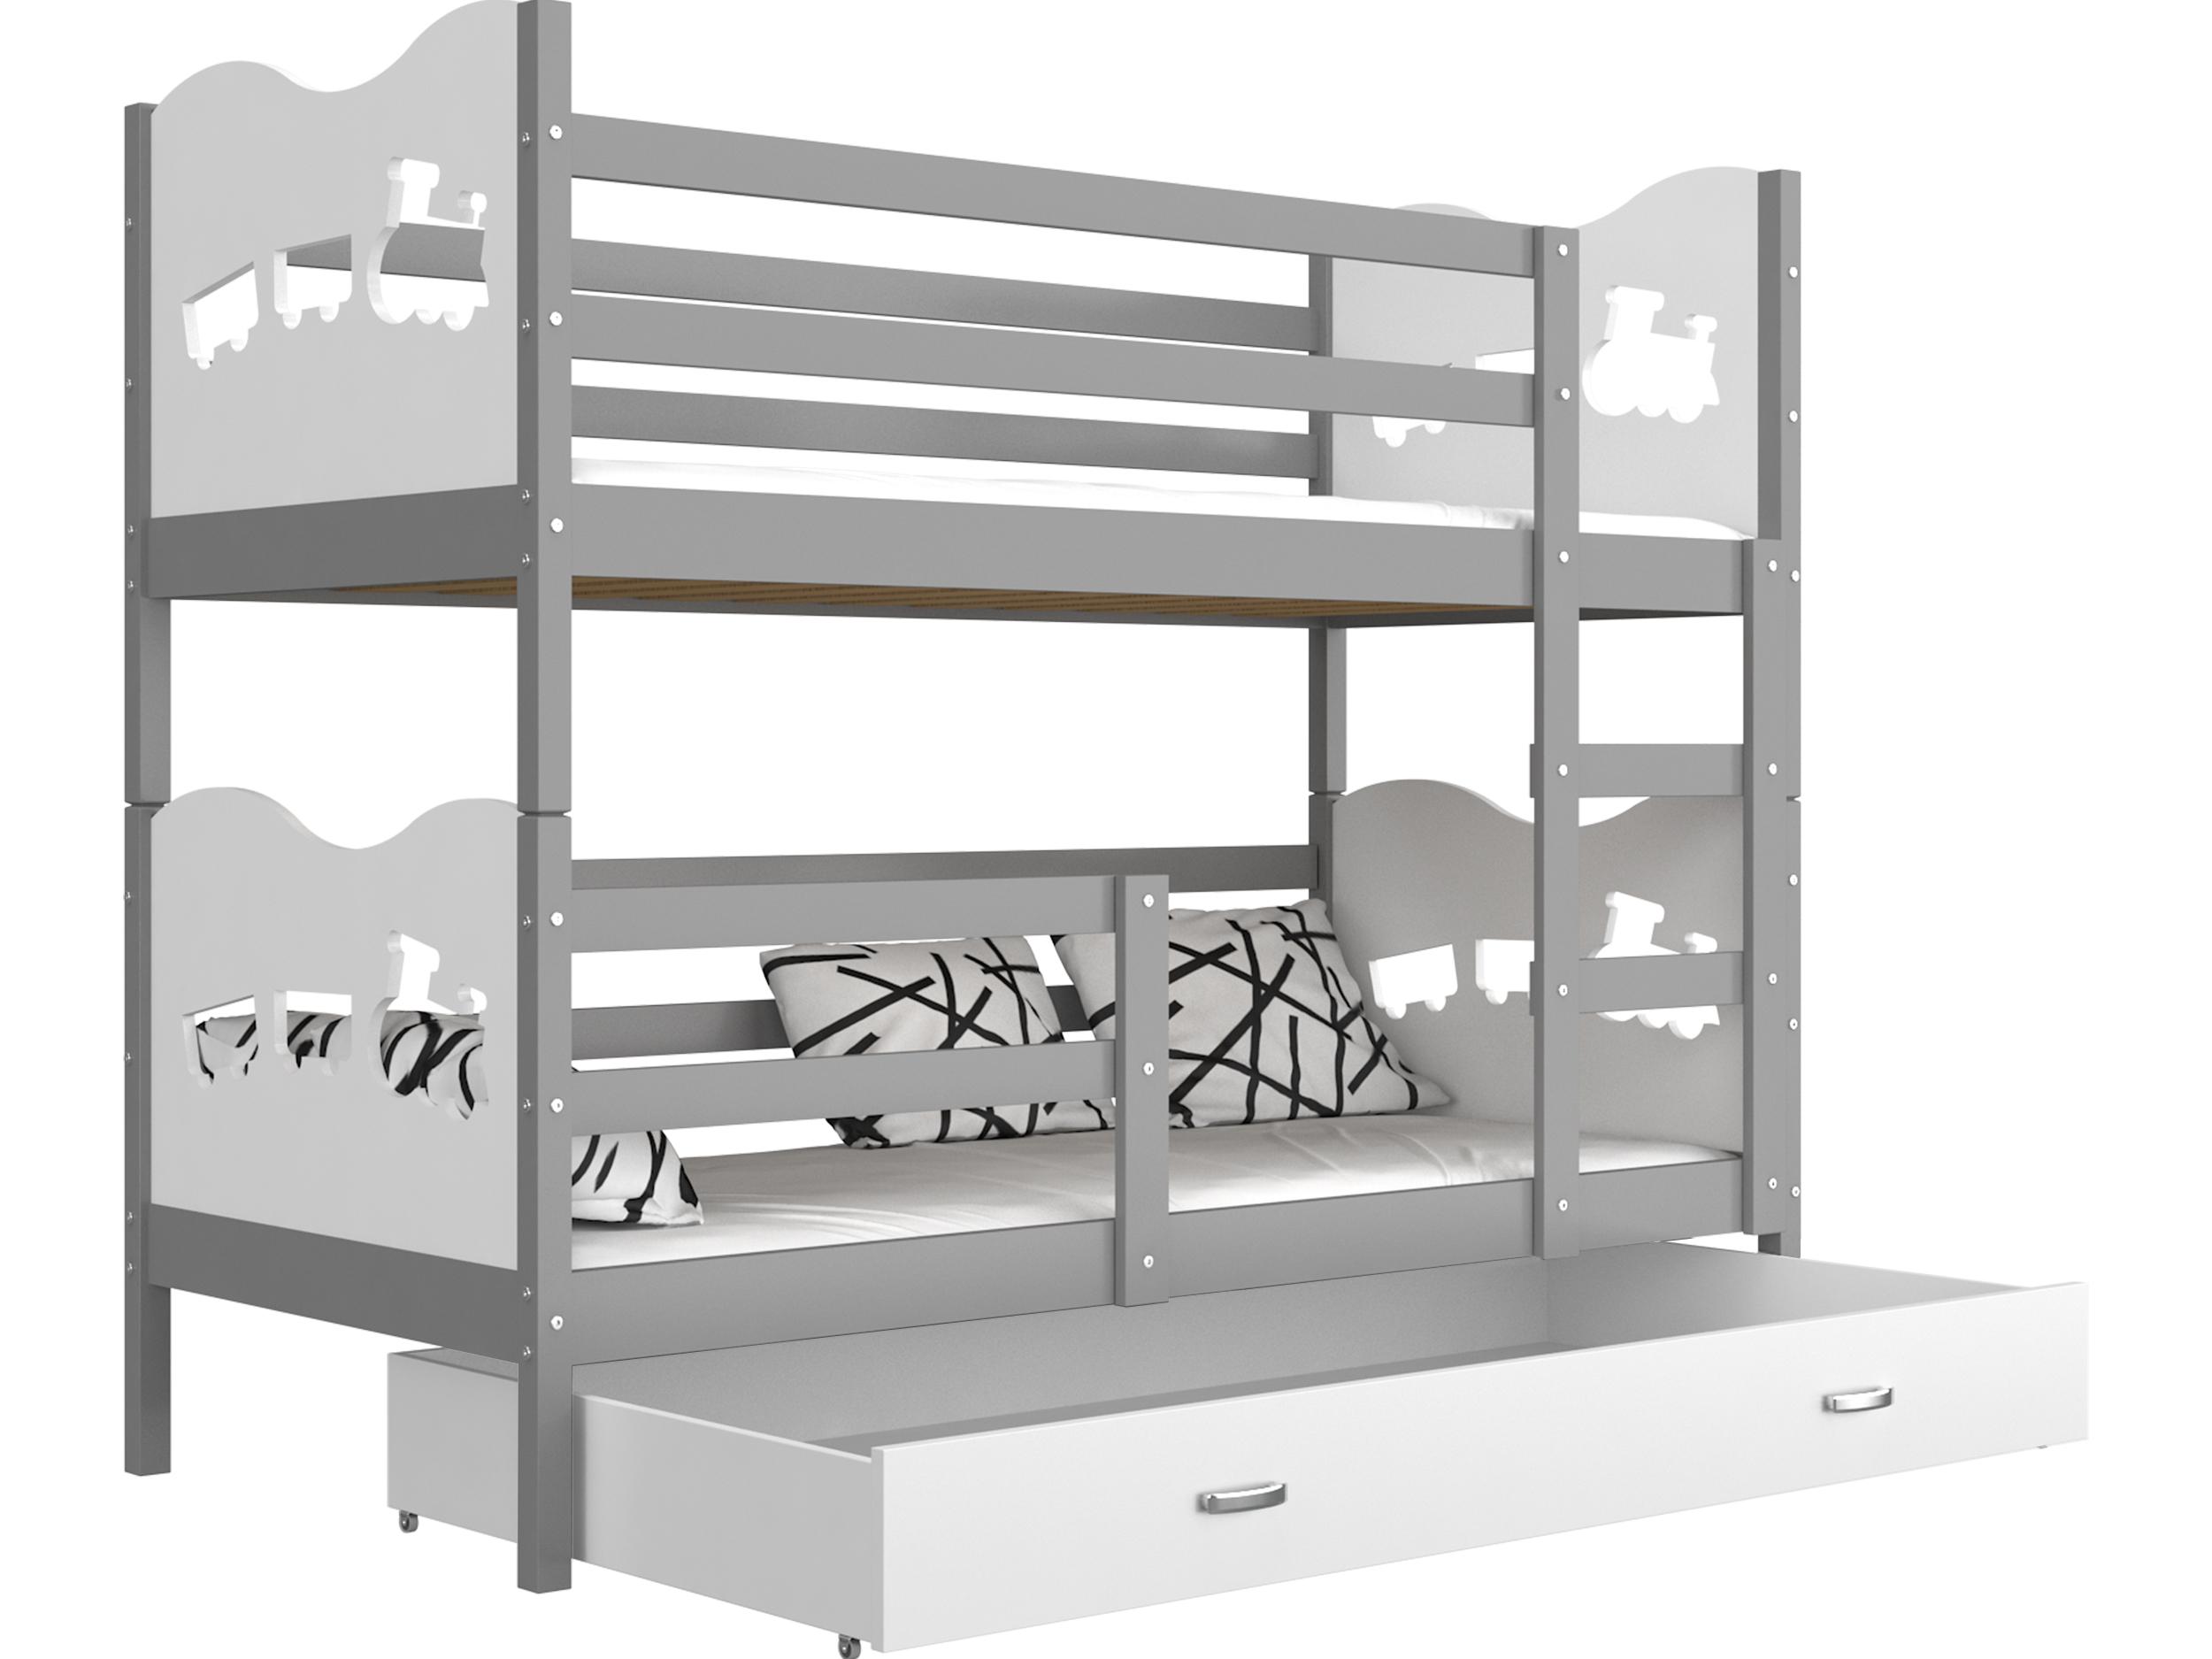 ArtAJ Detská poschodová posteľ MAX / MDF 160 x 80 cm Farba: Sivá / biela, Prevedenie: bez matraca 160 x 80 cm